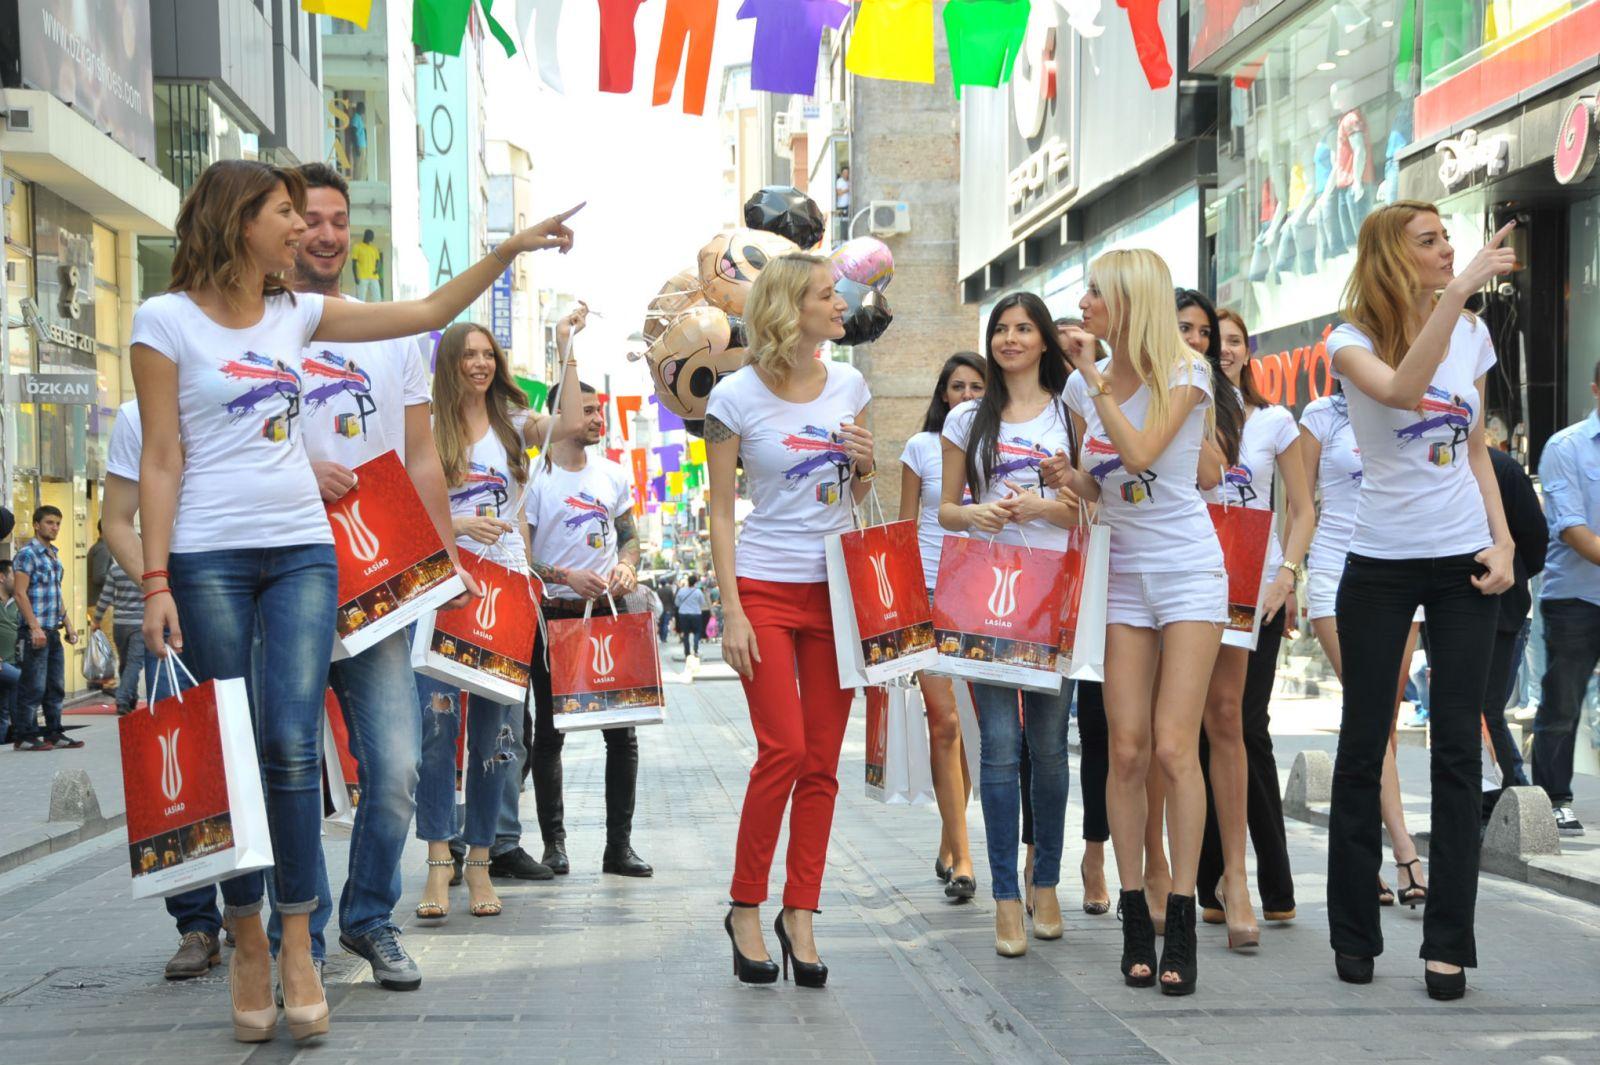 Новосибирск китай шоп туры